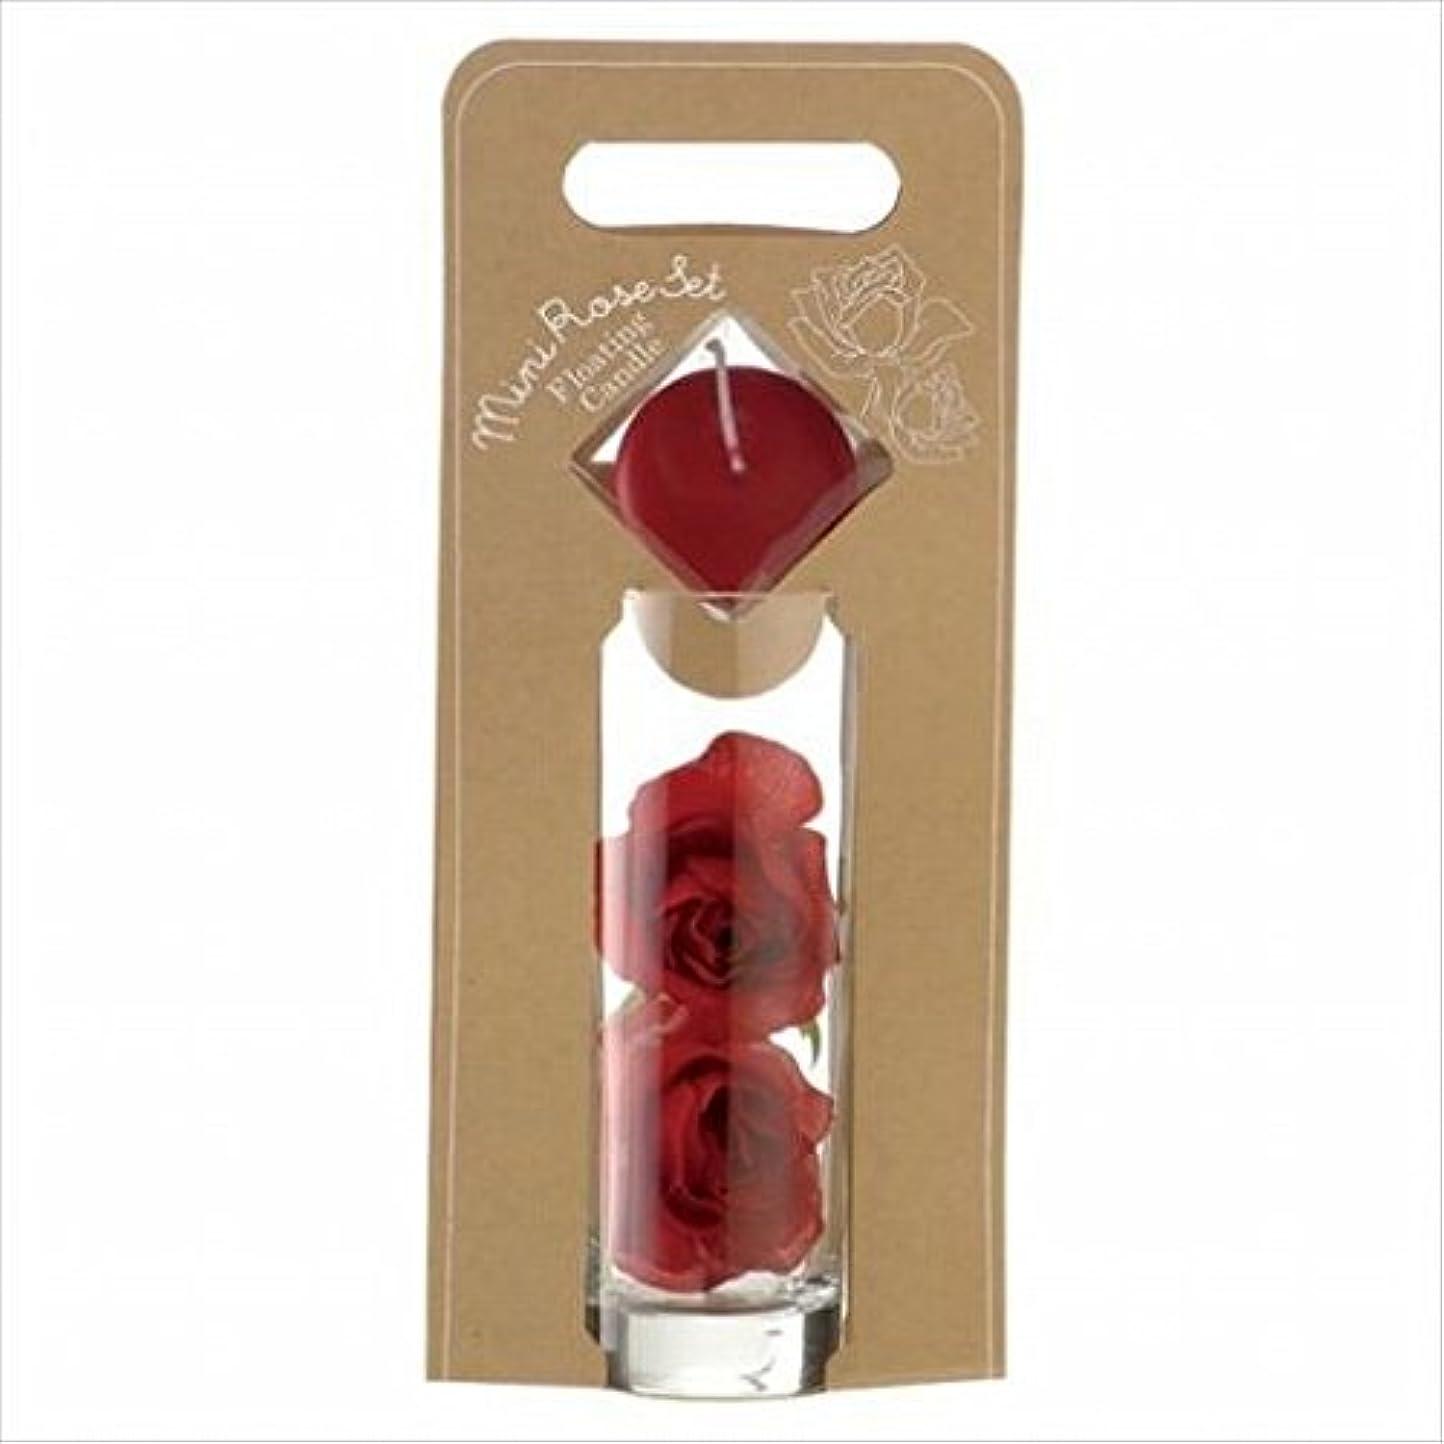 厳密に定規ホイッスルkameyama candle(カメヤマキャンドル) ミニローズセット 「 ワインレッド 」(A7620005WR)